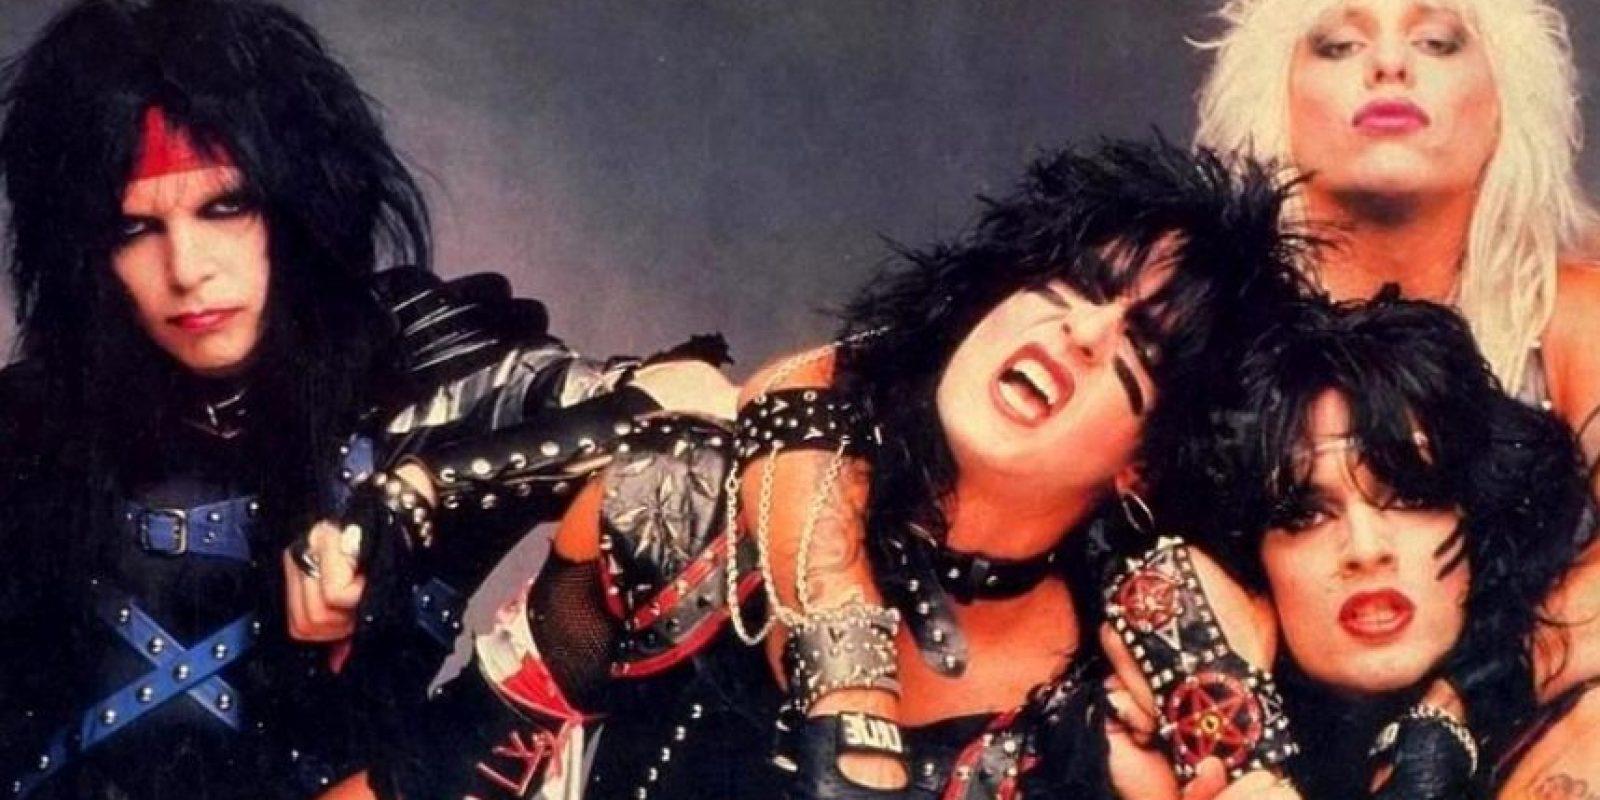 Mötley Crüe es una banda estadounidense de Glam Metal formada en enero de 1981 Foto:Pinterest